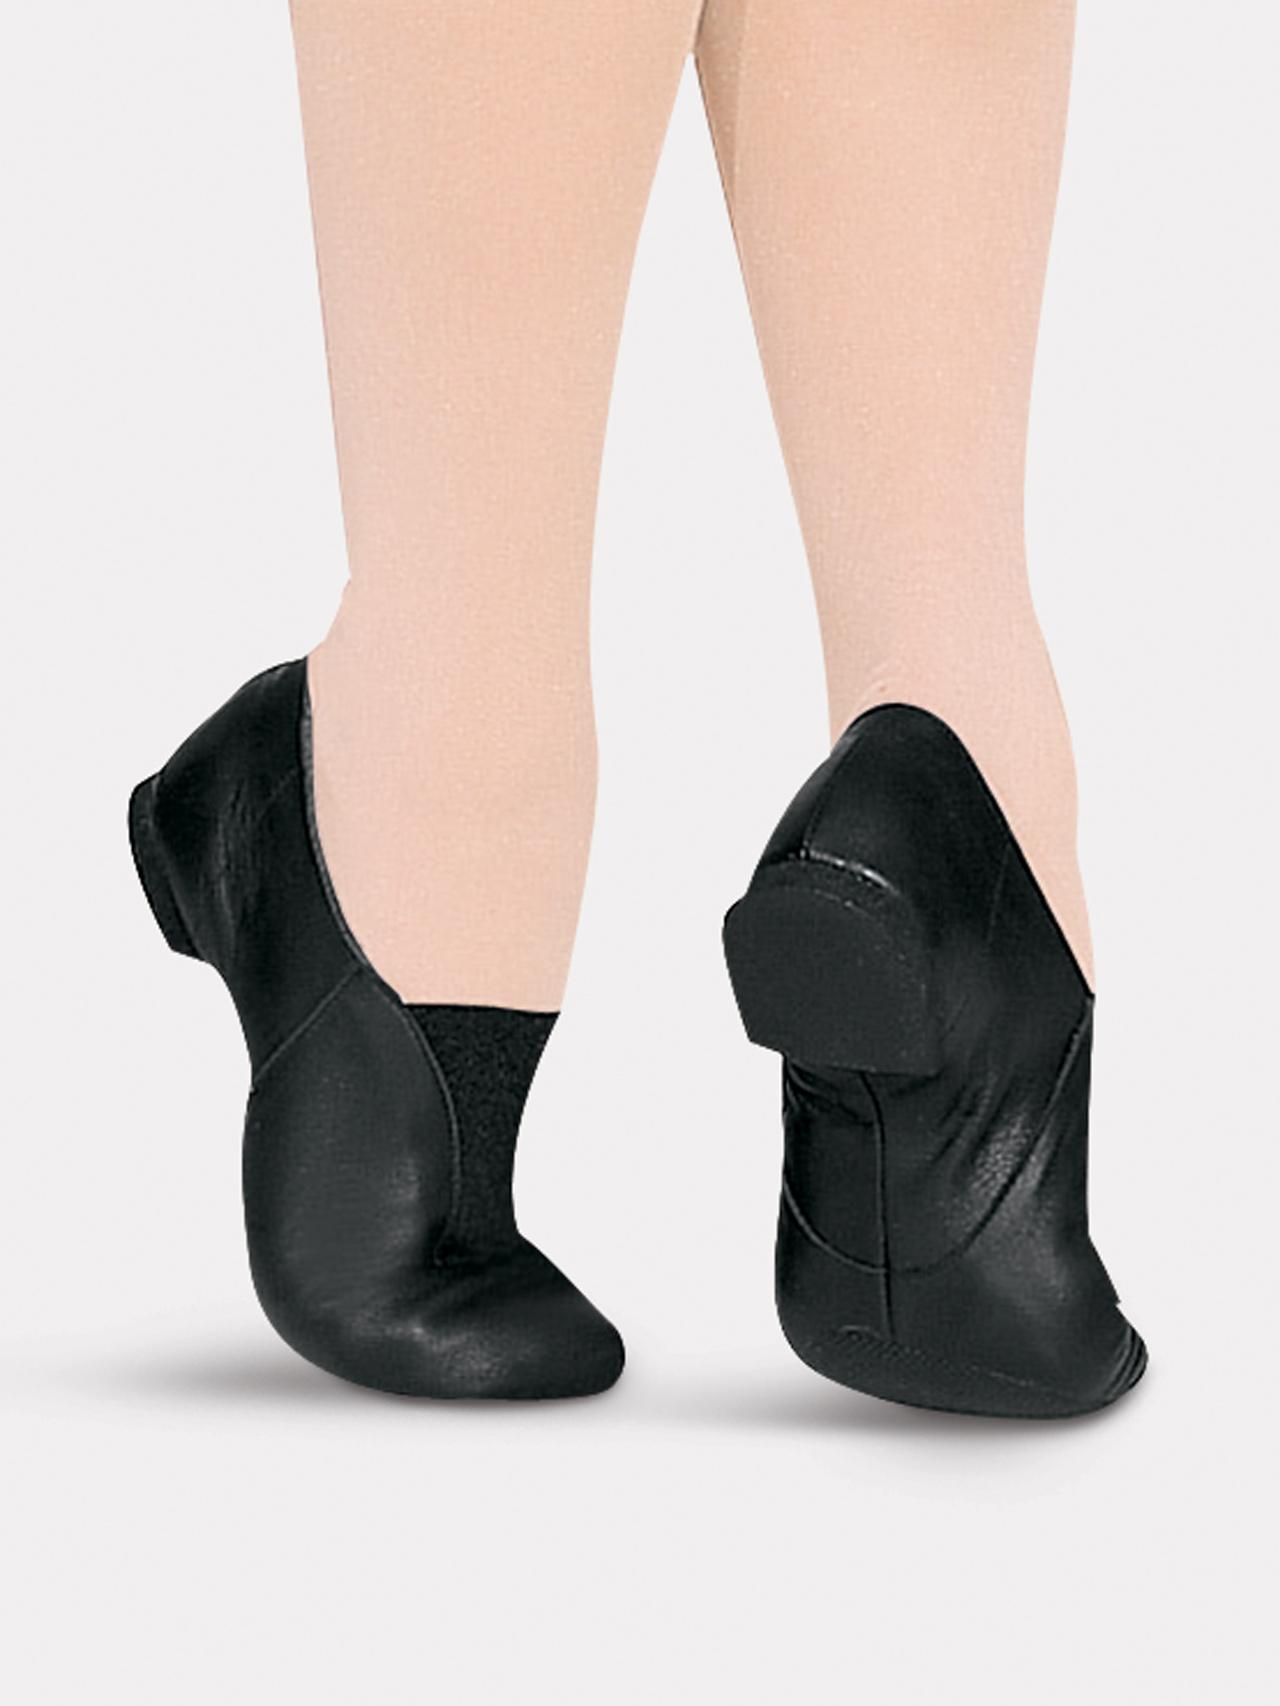 Dance Shoes Cliparts.